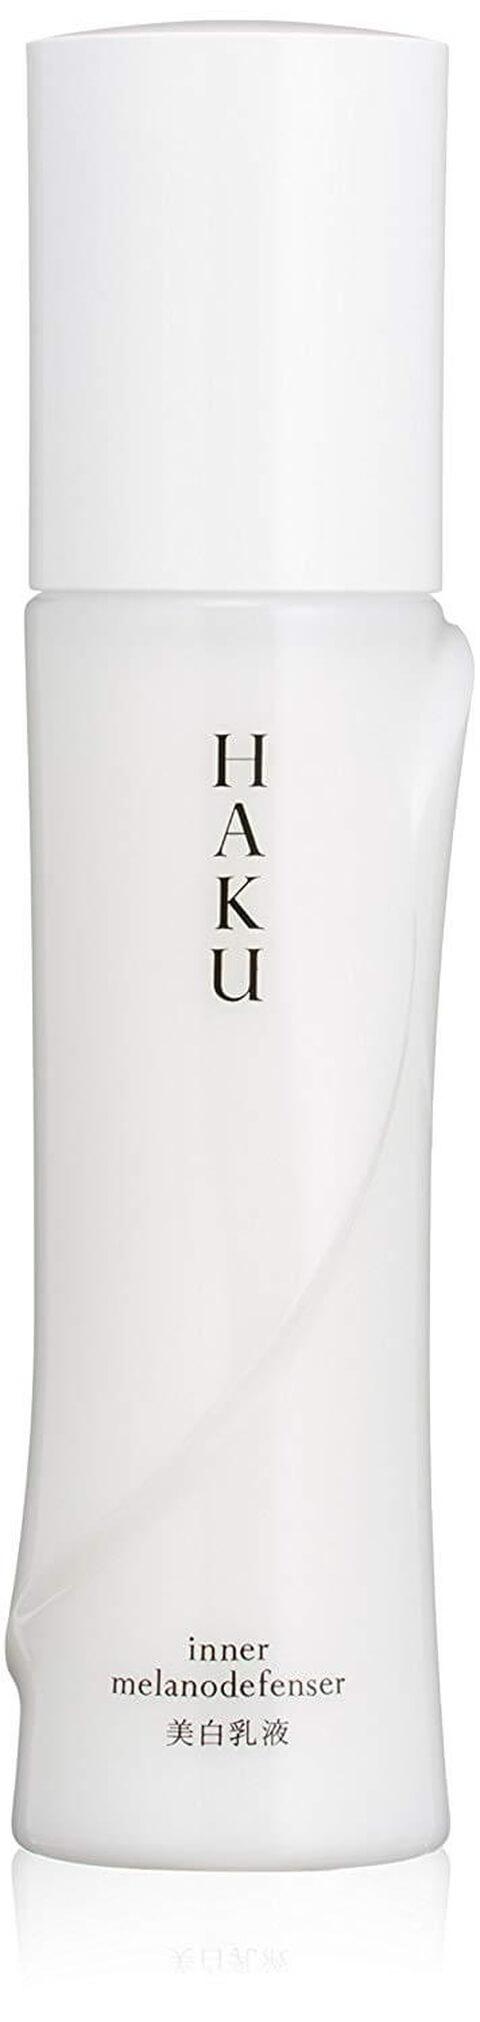 haku-milk